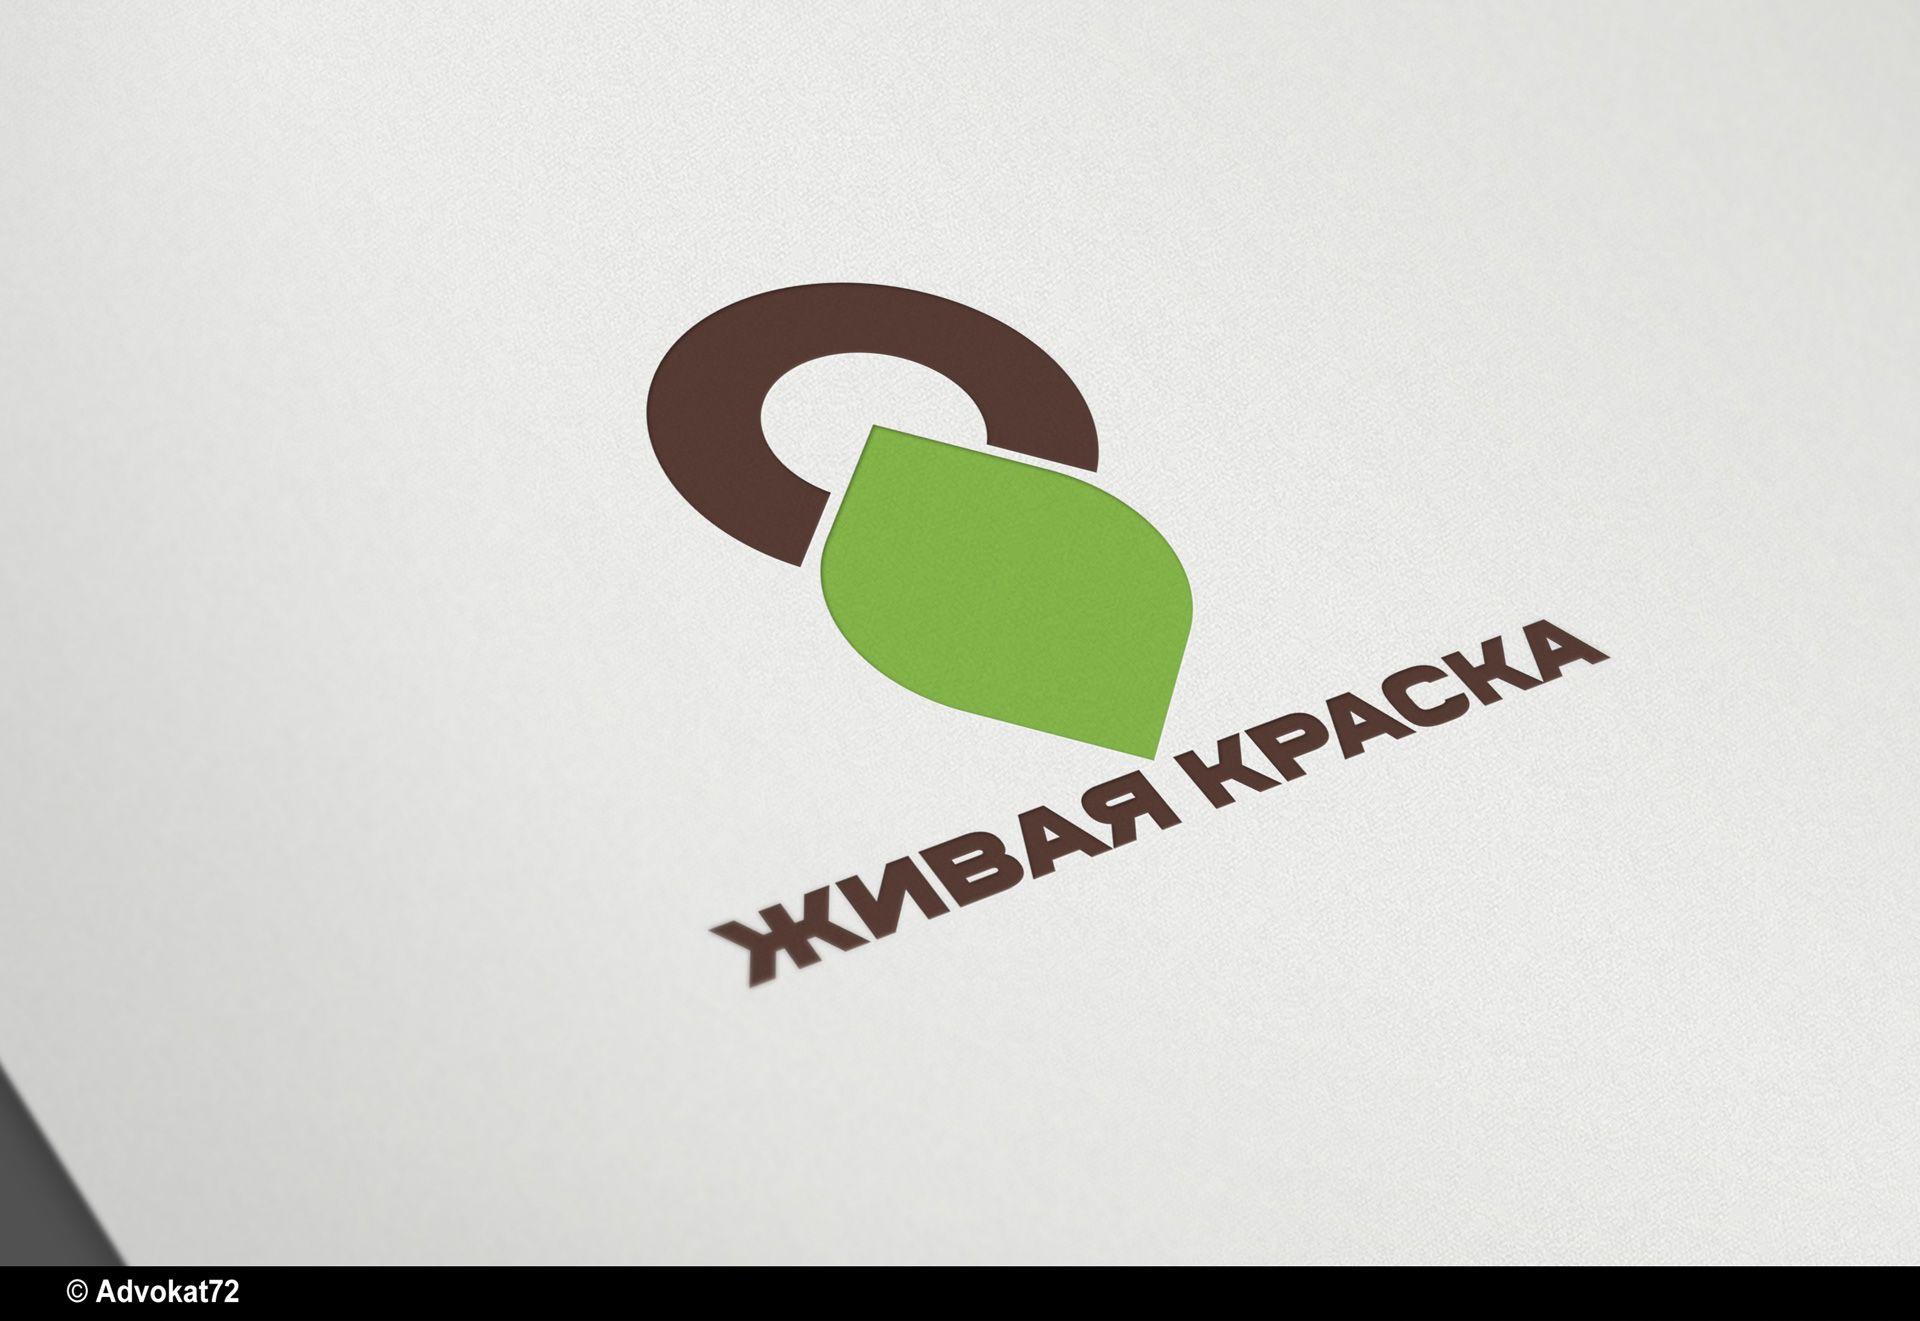 Лого и фирменный стиль для торговой марки - дизайнер Advokat72